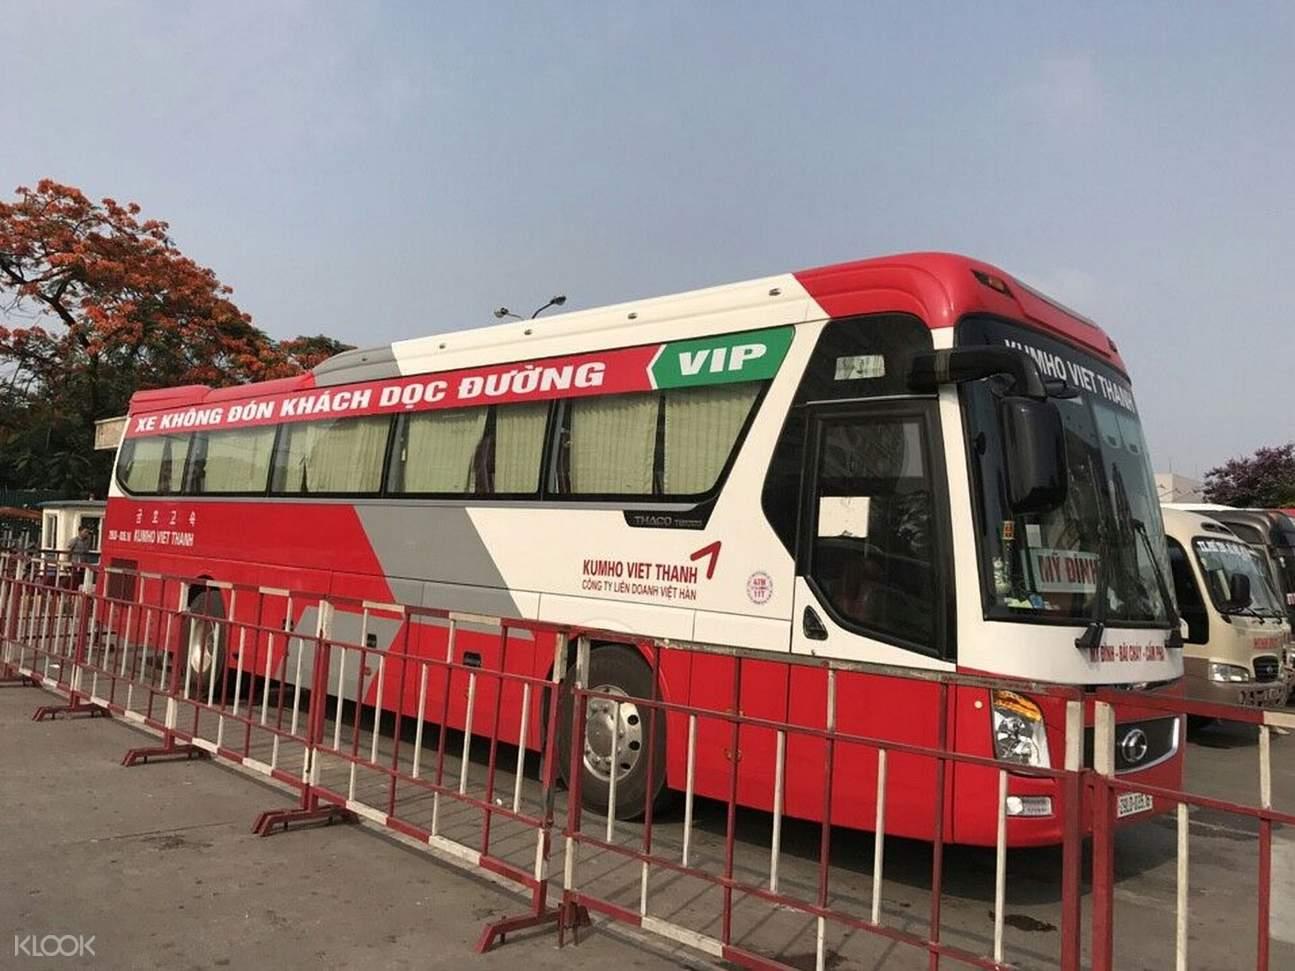 tourist bus in vietnam